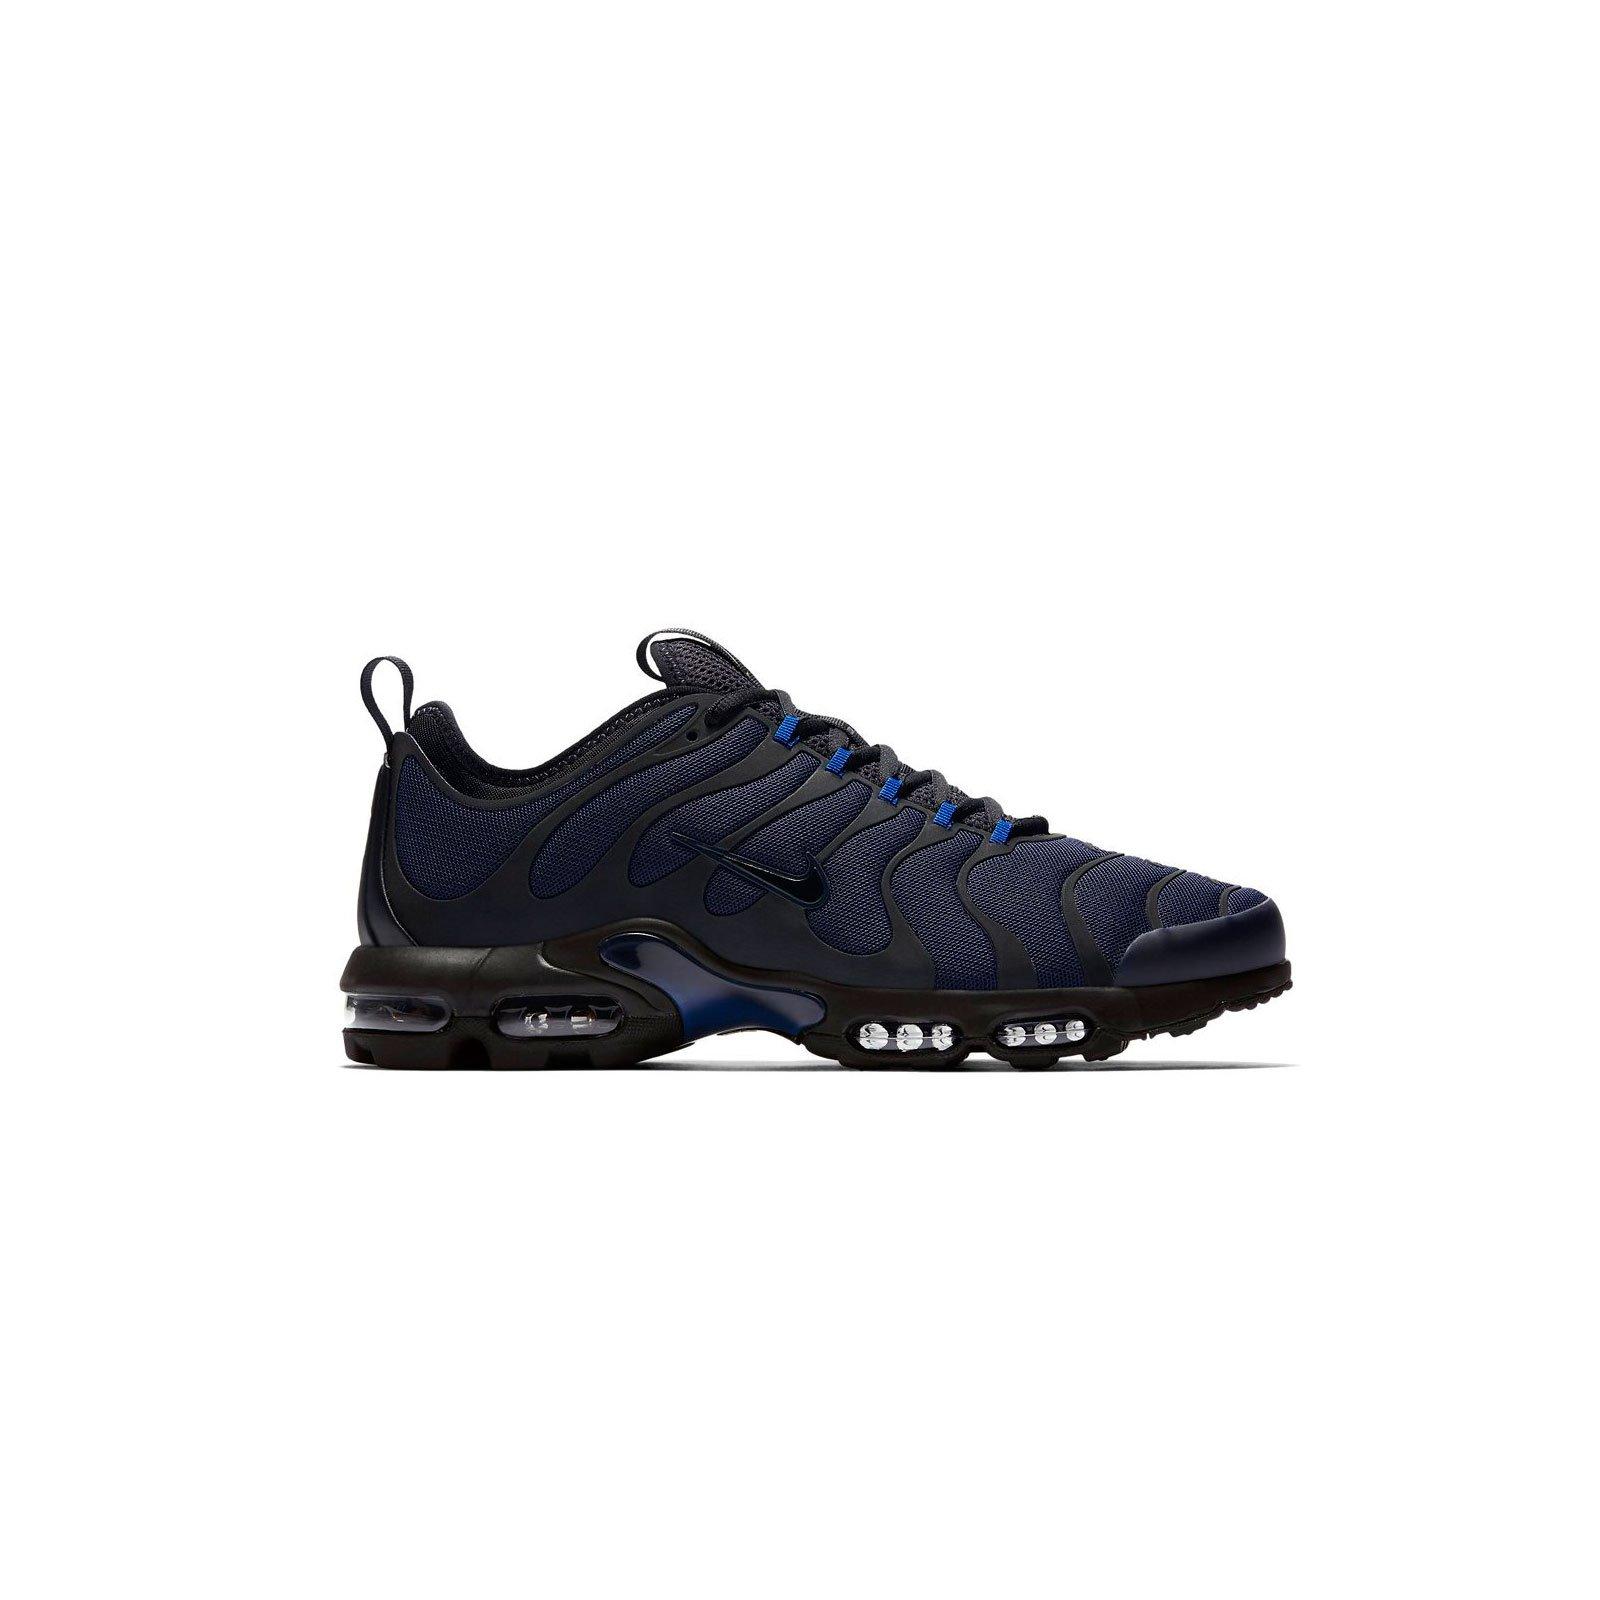 Nike Air Max Plus TN Ultra Obsidian